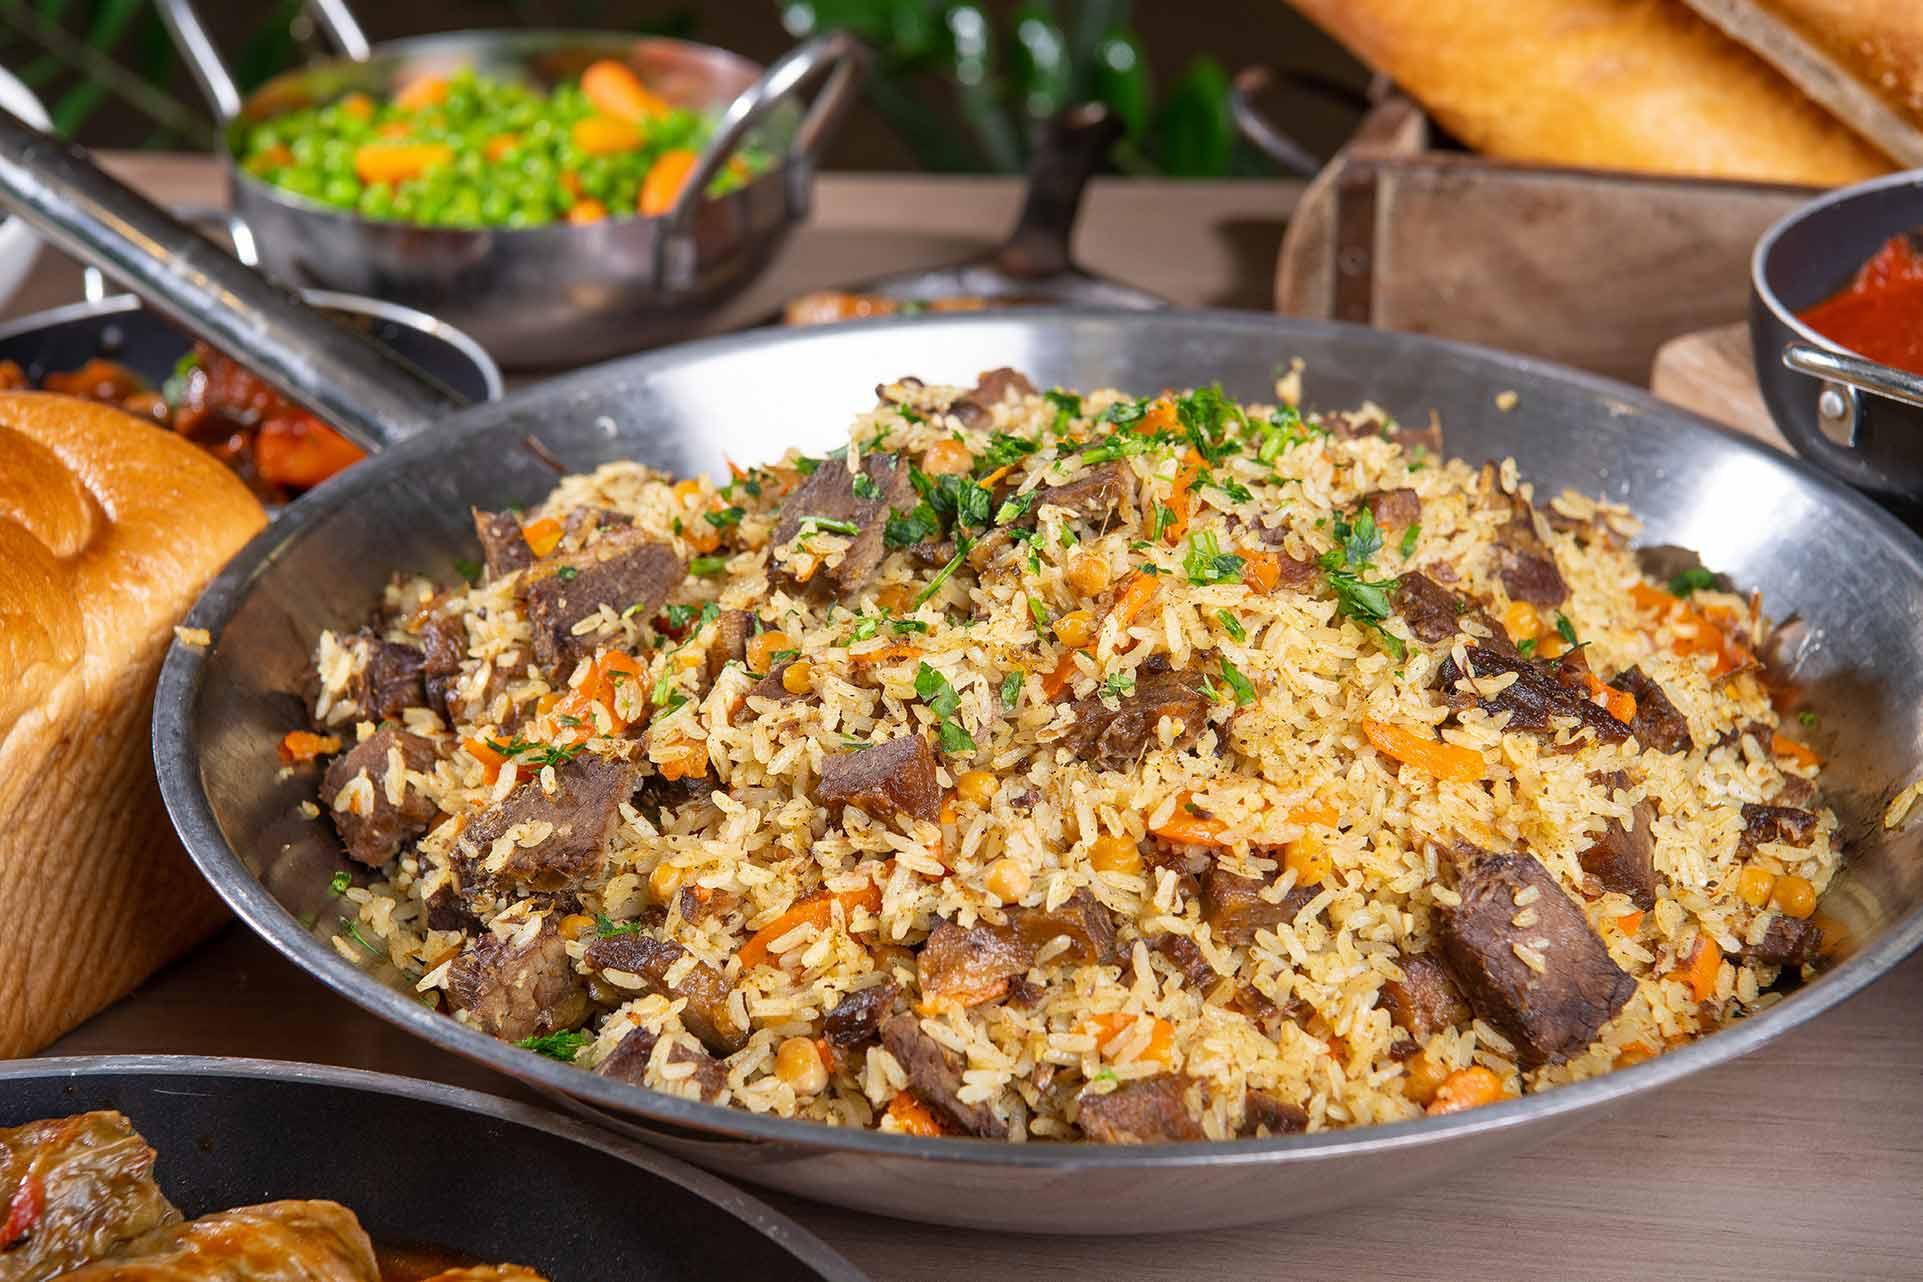 תבשיל אורז עם בקר , שירותי הסעדה לאירגונים TryFoodies;